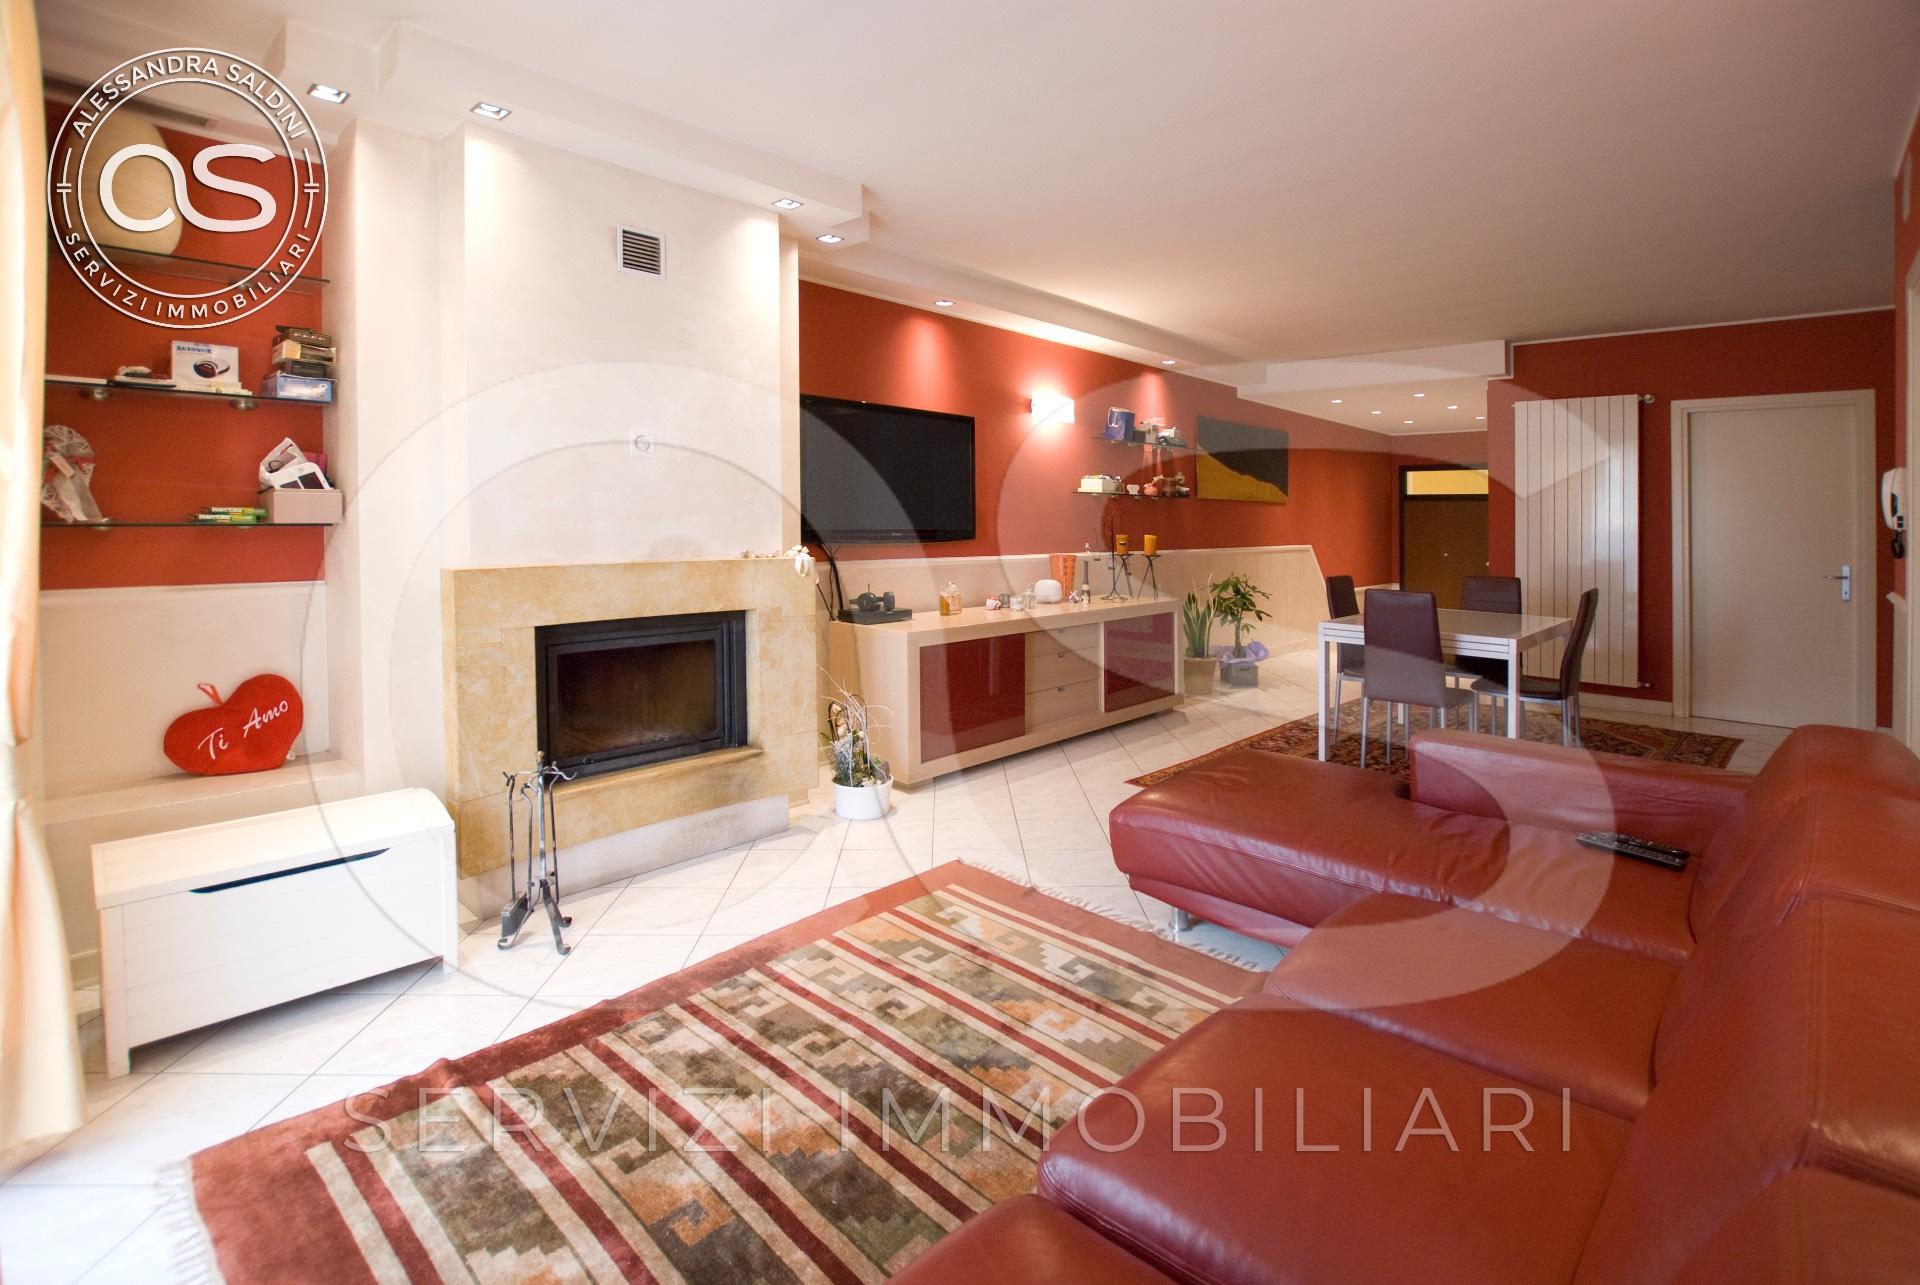 Villa a Schiera in vendita a Manerbio, 5 locali, prezzo € 219.000 | PortaleAgenzieImmobiliari.it